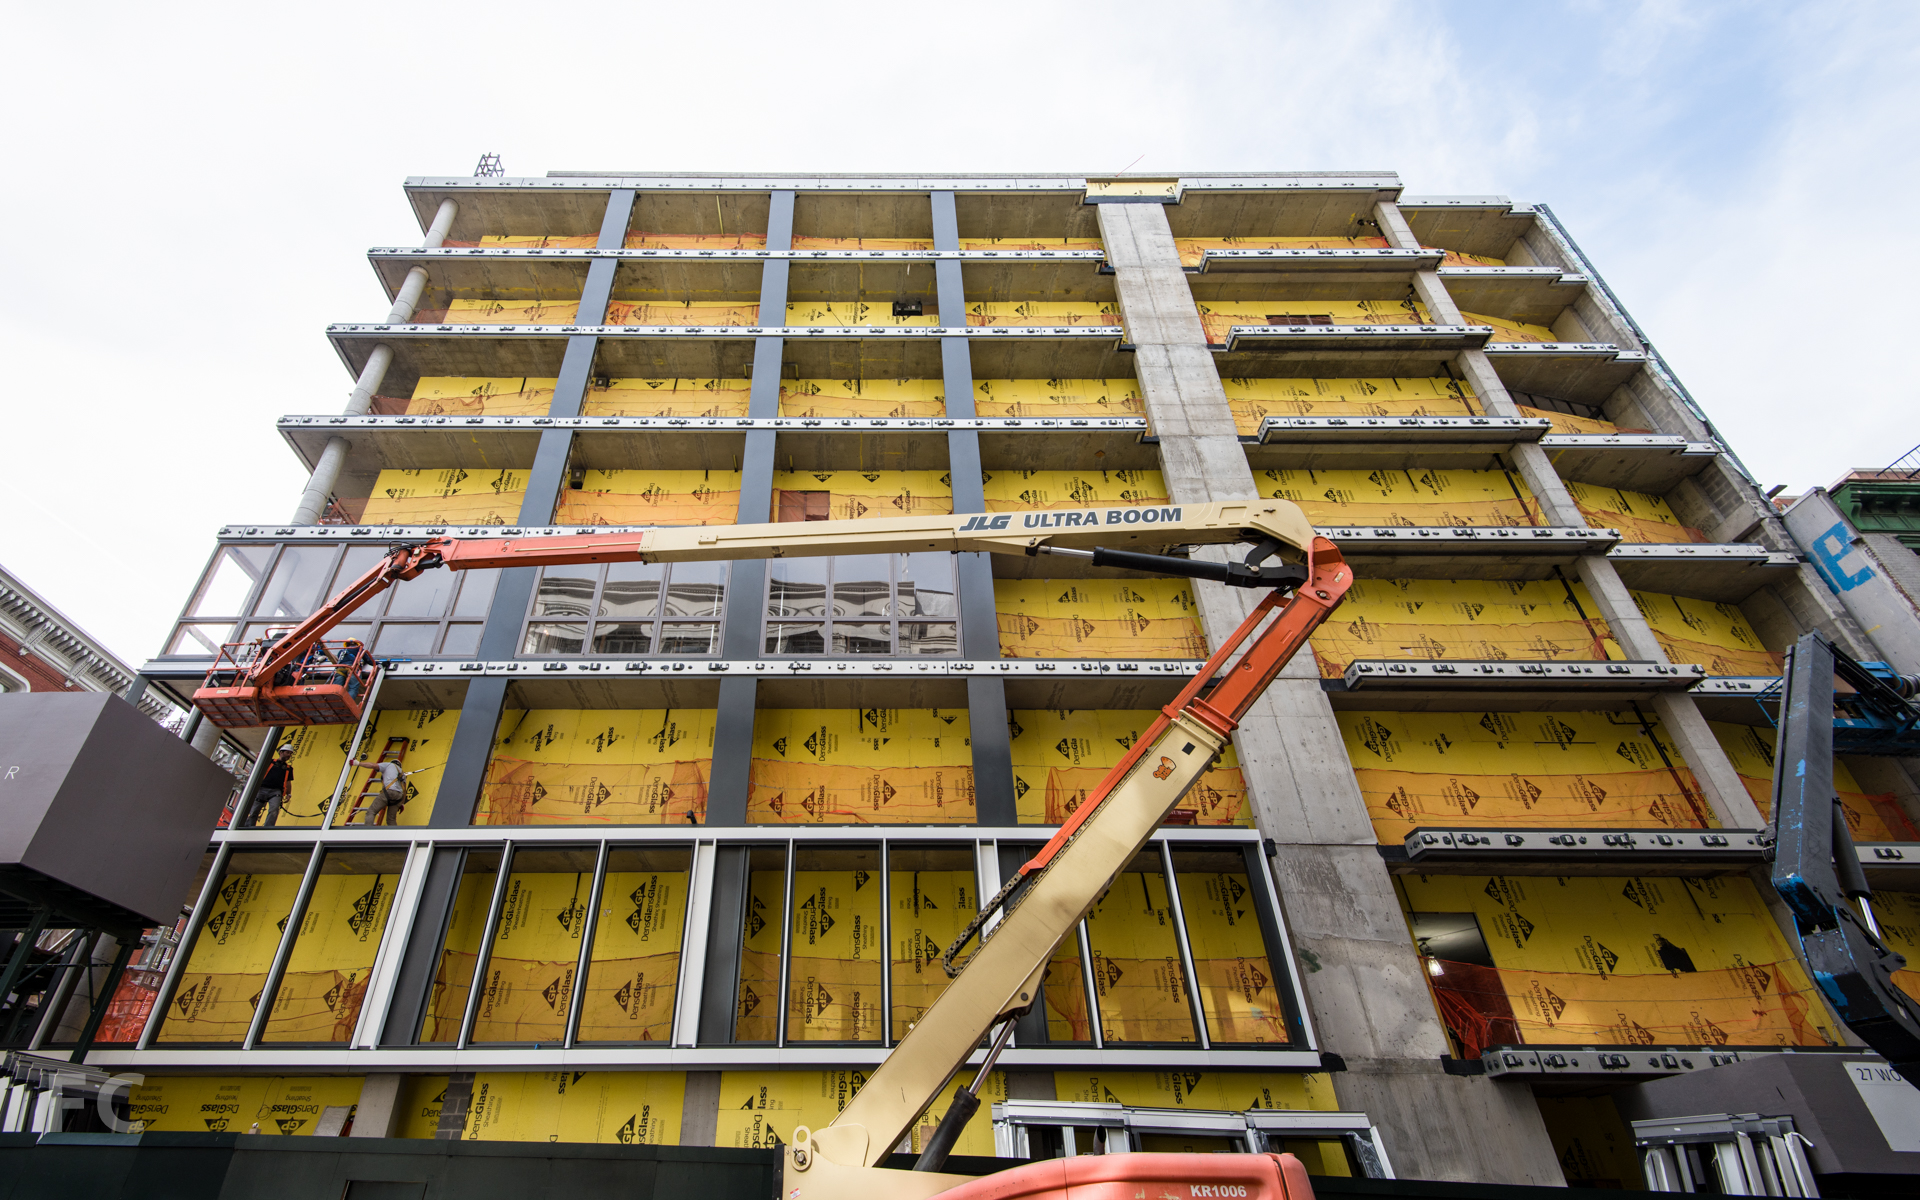 Installation of the facade frame on the north facade.